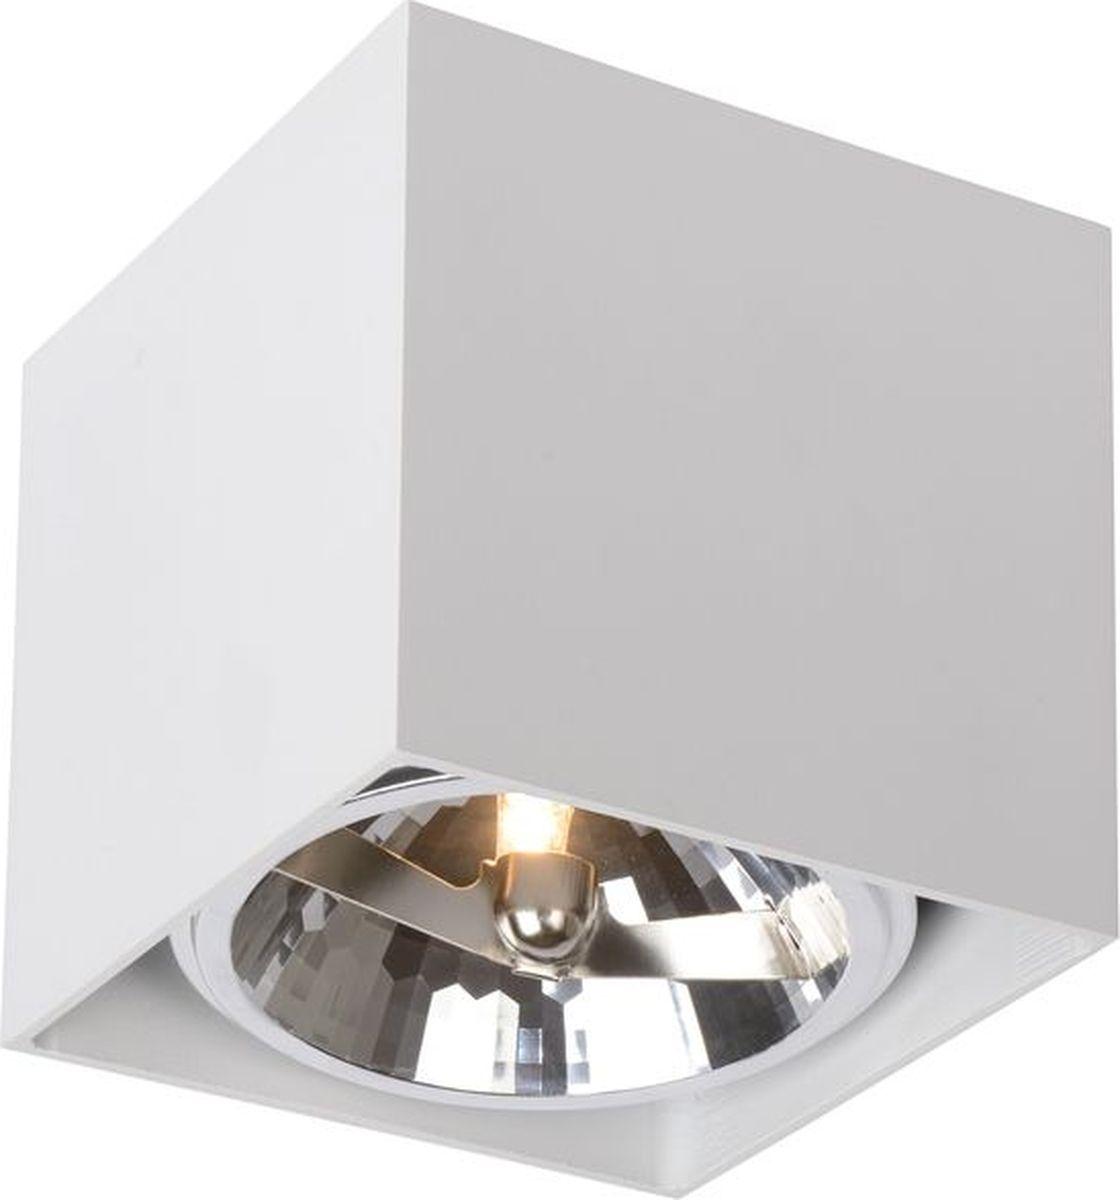 Светильник потолочный Lucide Dialo, цвет: белый, AR111, 35 Вт. 22956/21/3122956/21/31